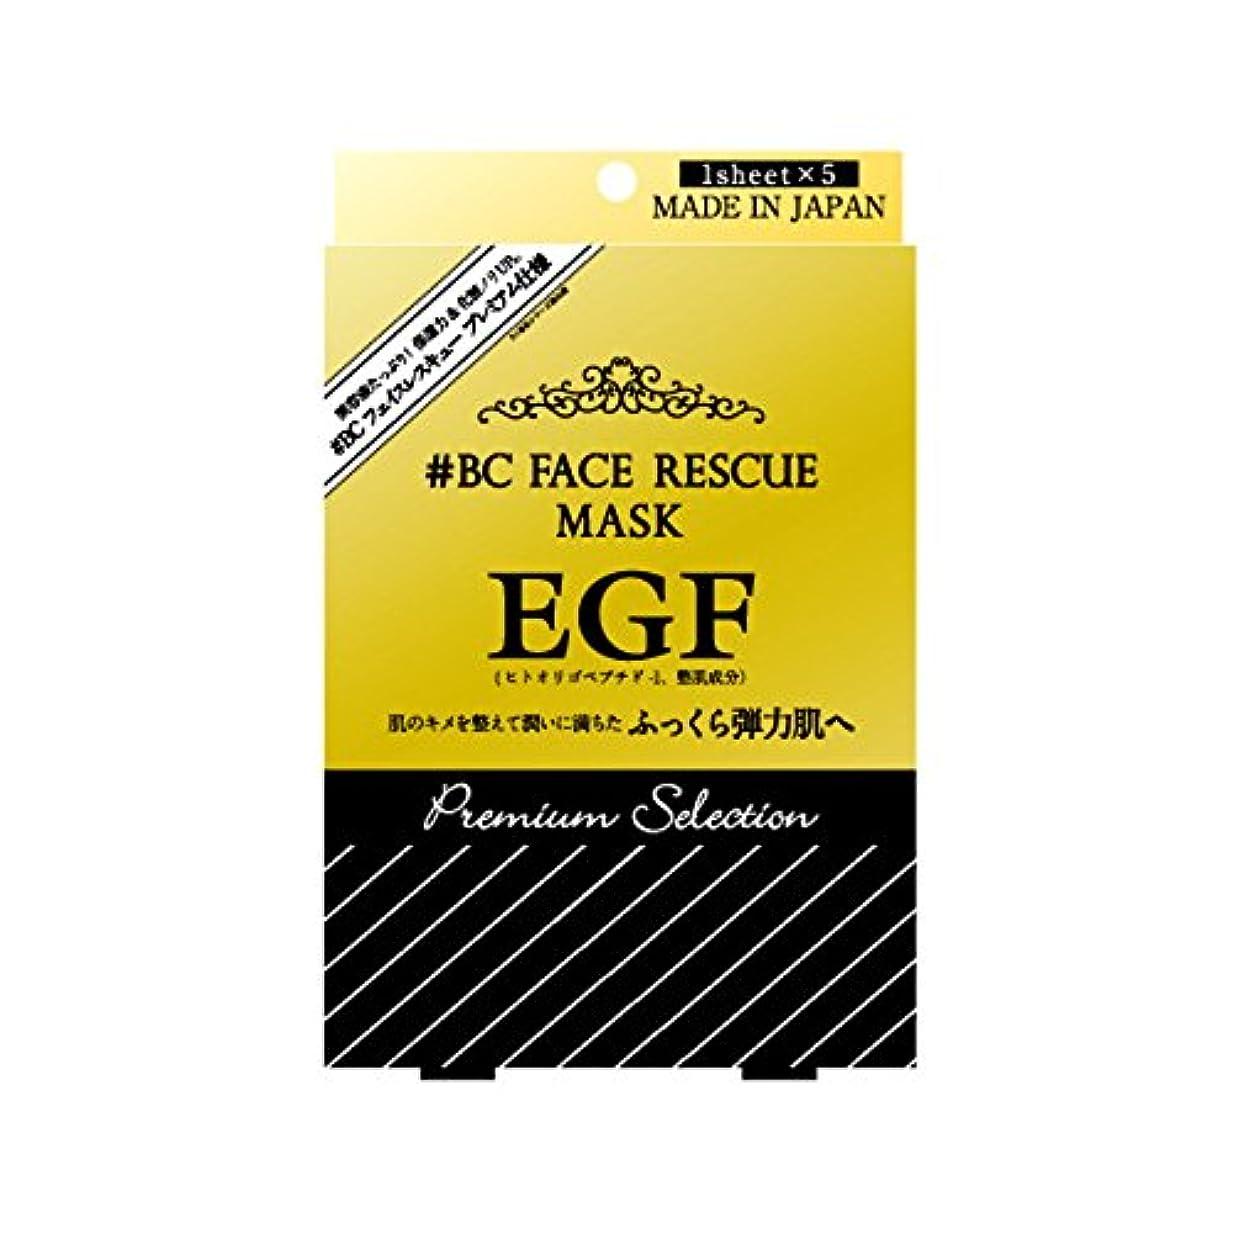 言うペスト光沢のあるEGF フェイスレスキューマスク PS 1箱(25ml×5枚)